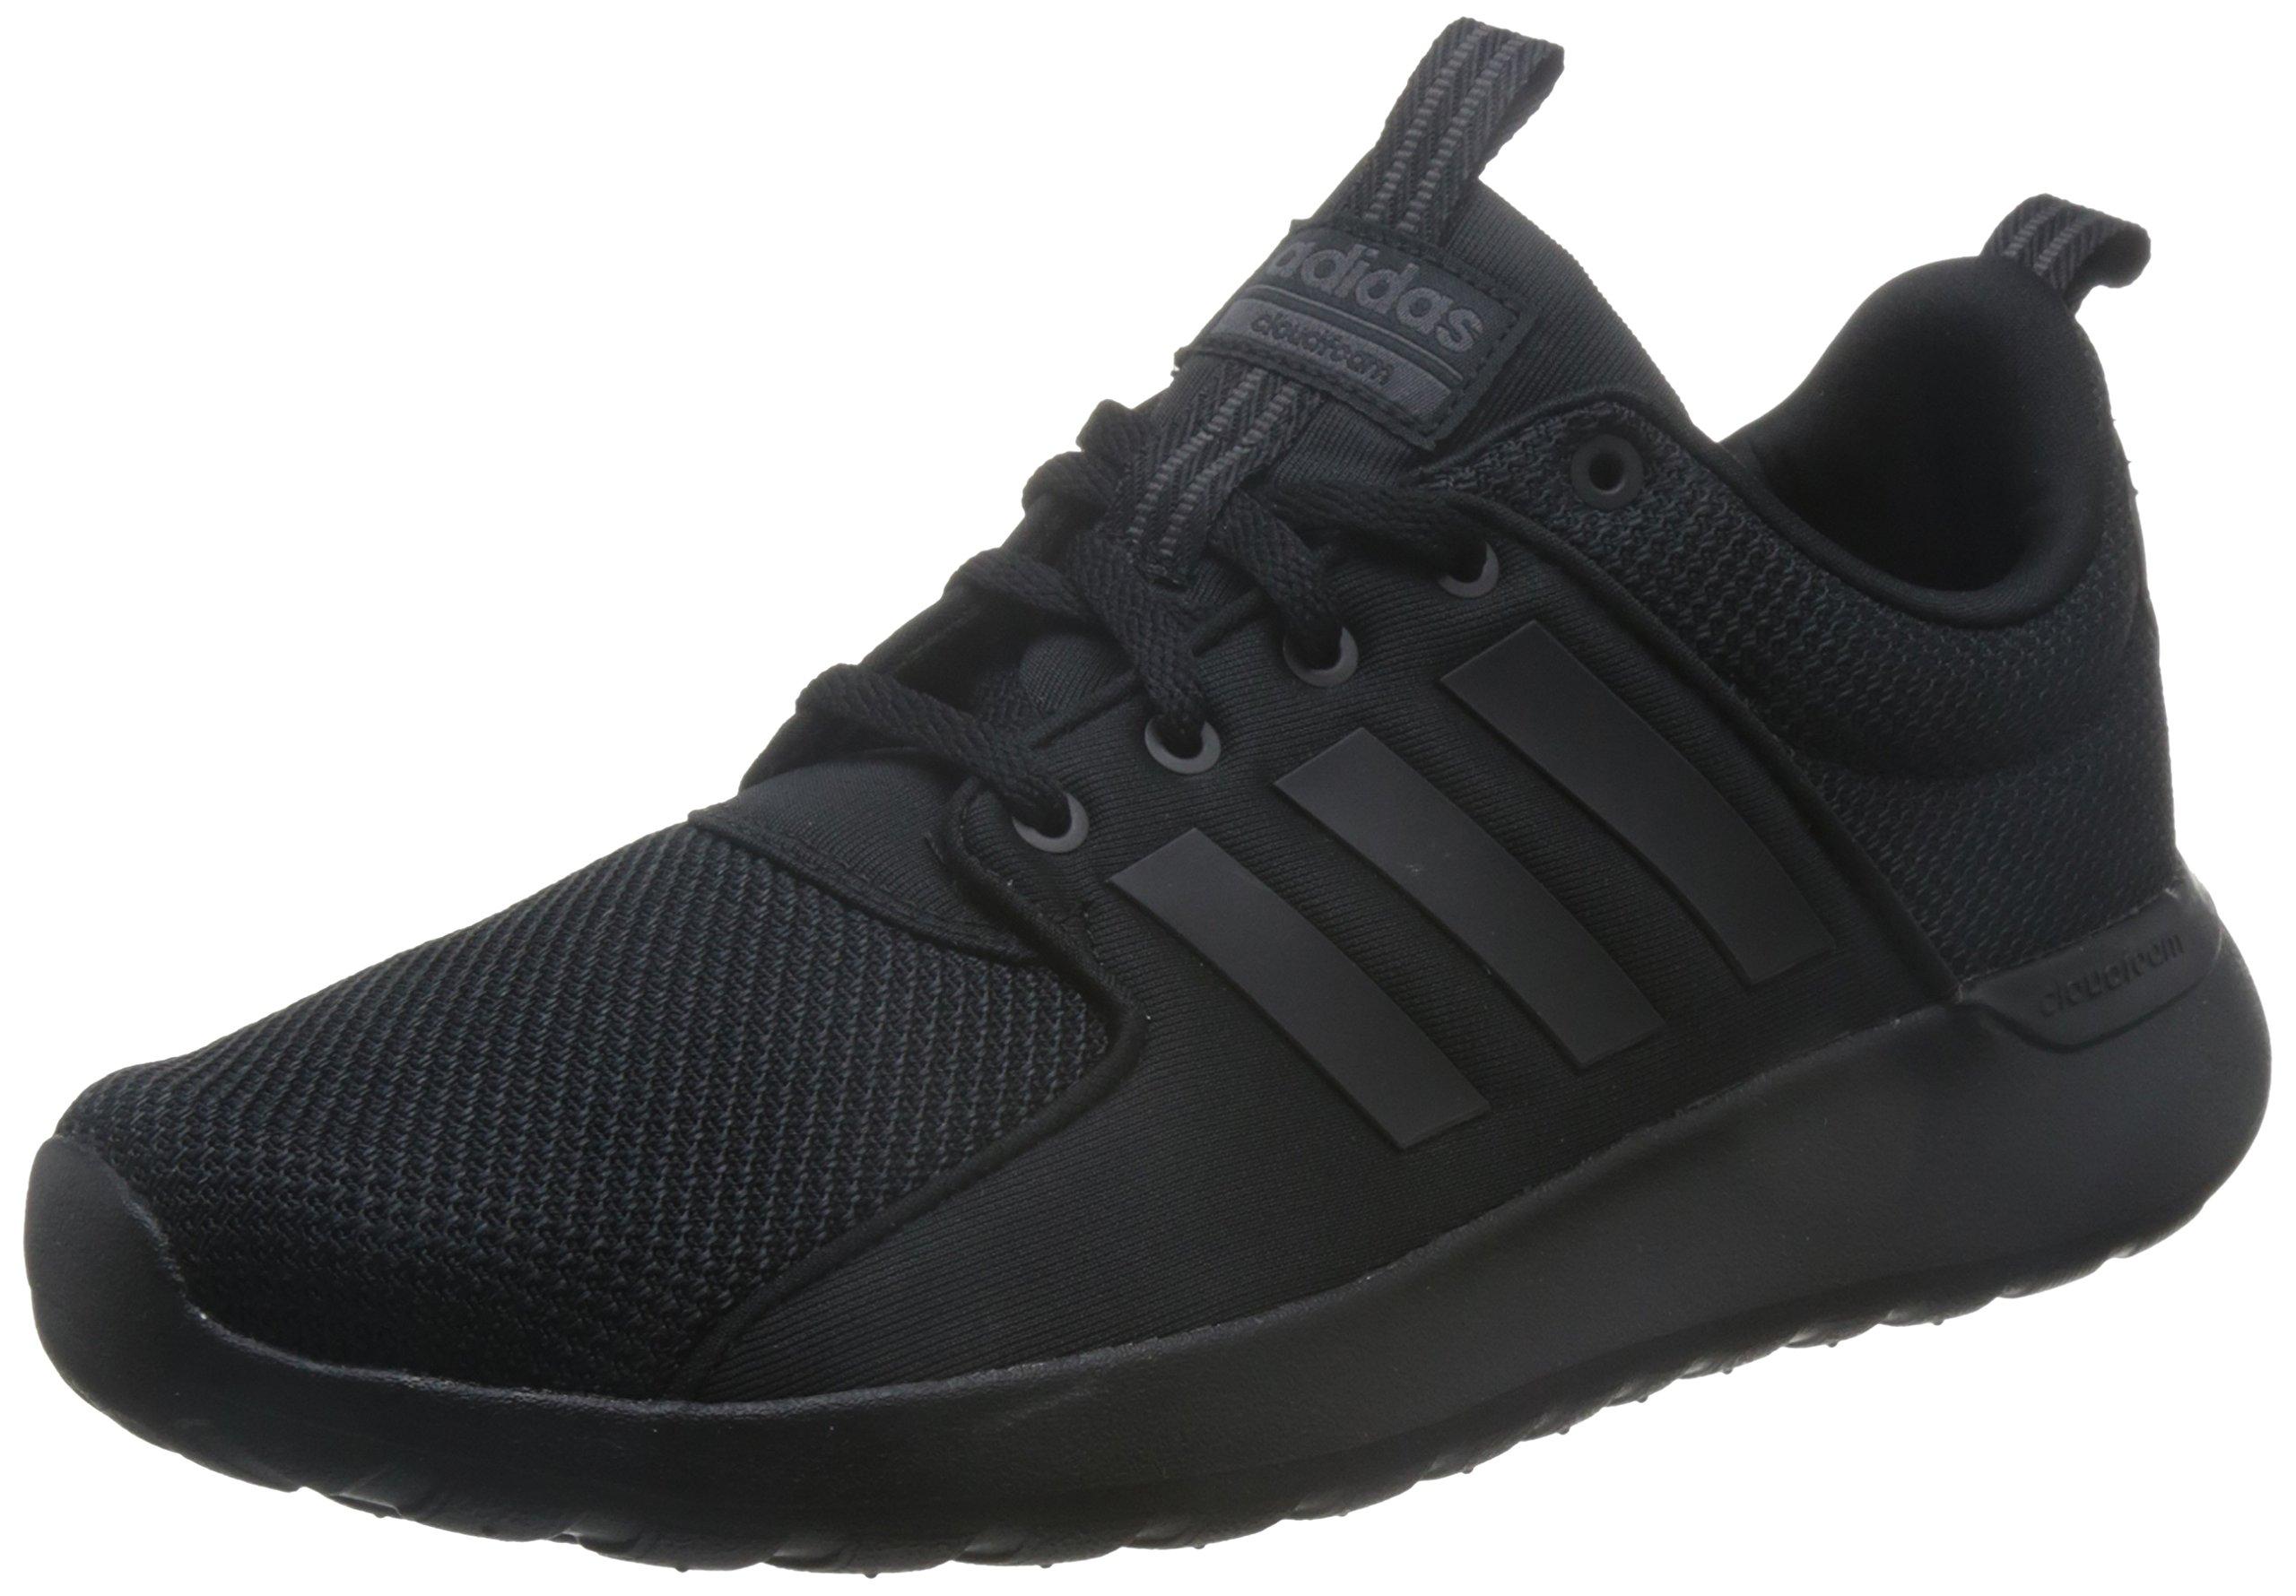 uk availability 76671 c8b65 Adidas Cf Lite Racer Chaussures de Running, Homme, Bleu, 38 EU product image